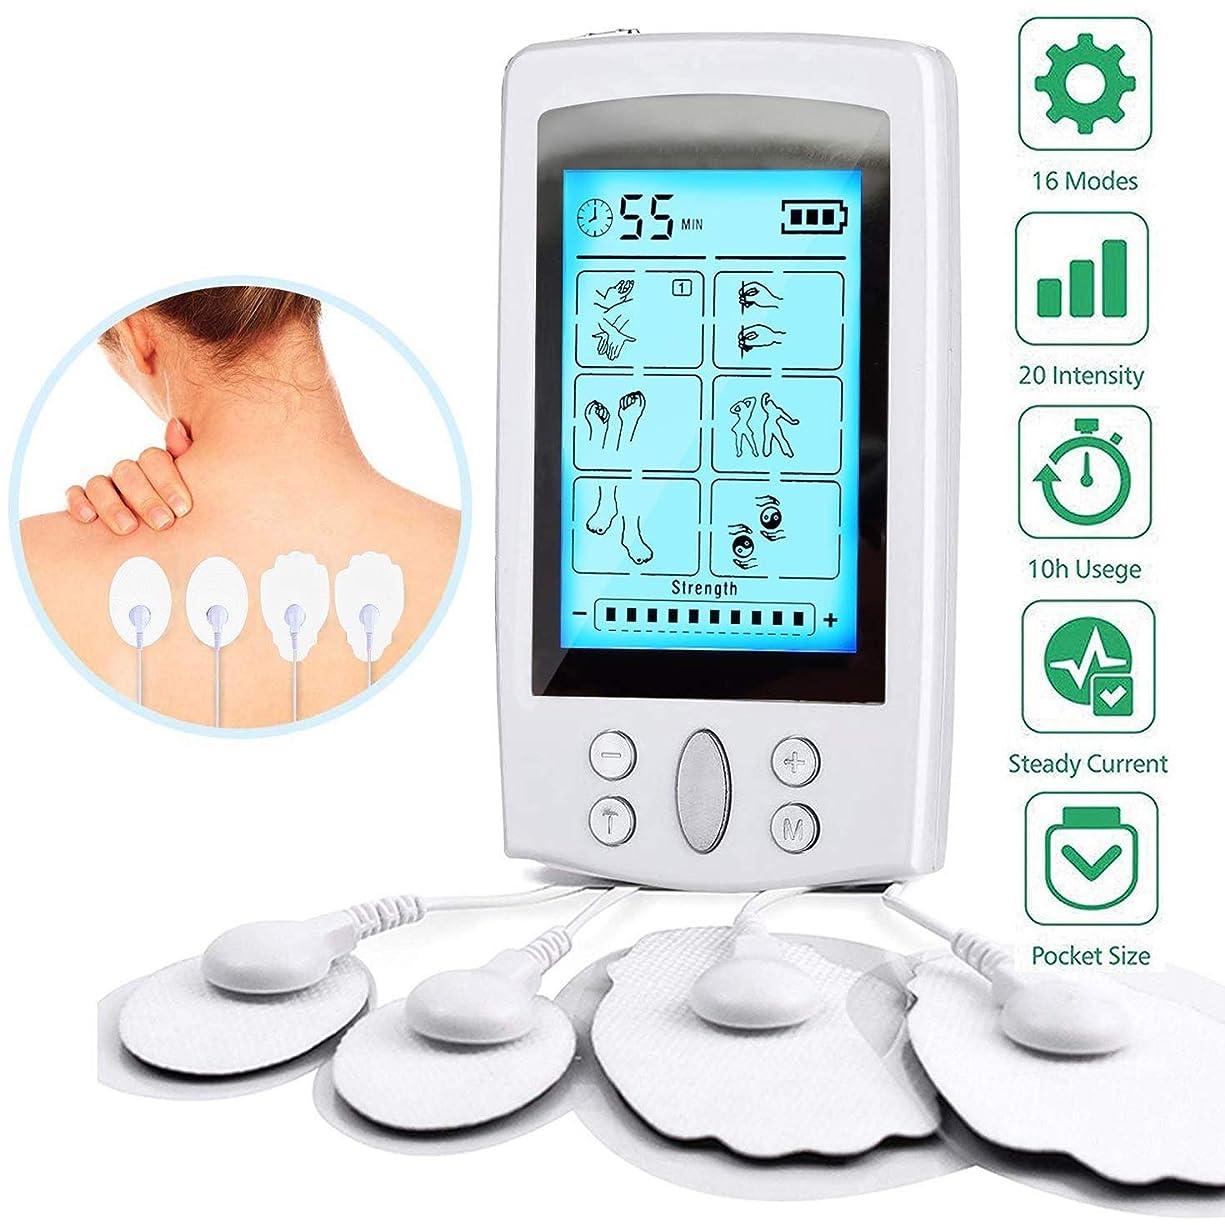 検閲嵐のアパート電子筋肉刺激物機械、線維筋痛症/関節炎/肩/神経/首/背中の痛みの軽減のリハビリテーションのための10の単位の脈拍機械